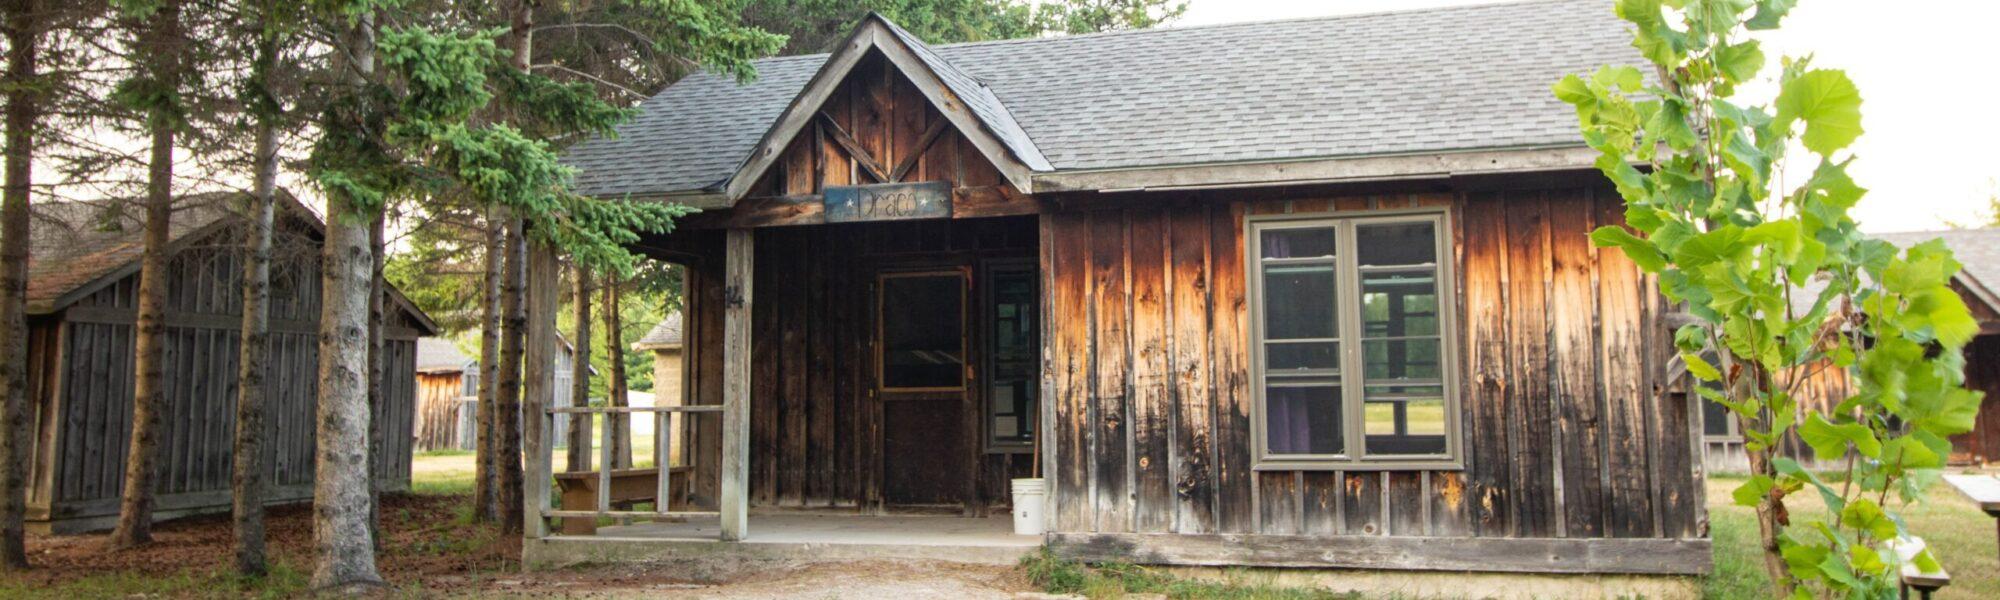 cabins at Camp Huron